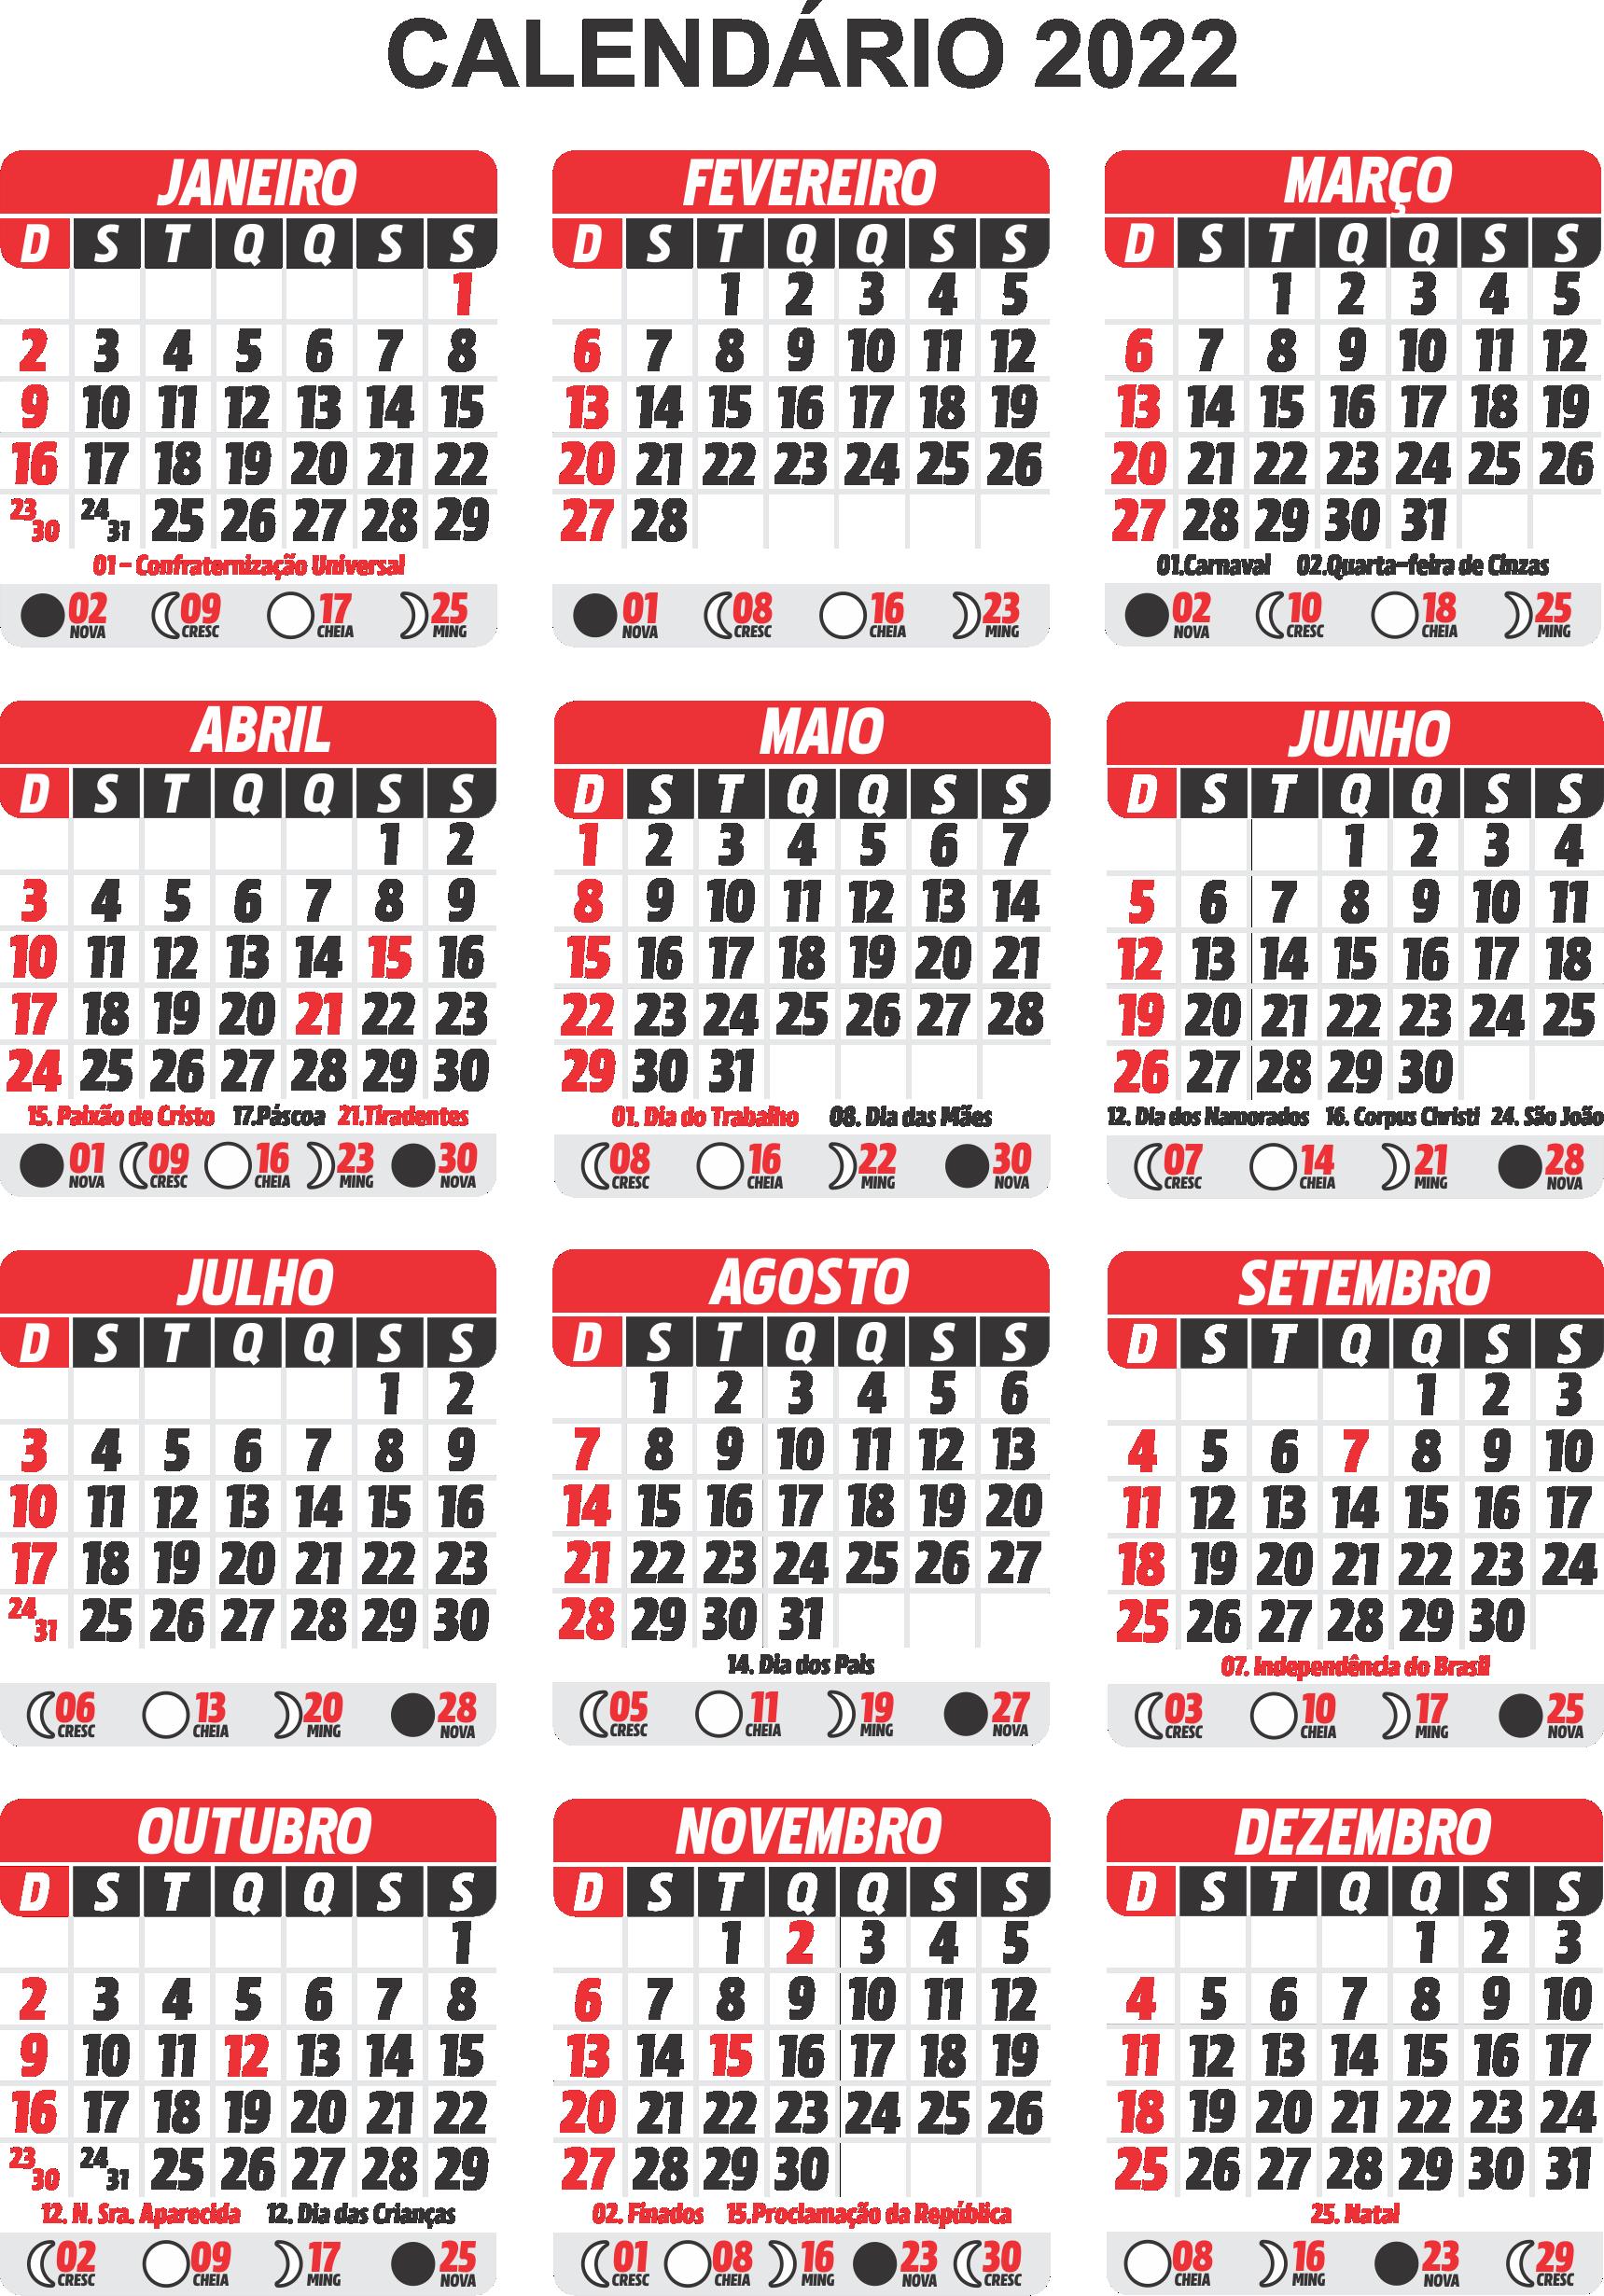 Gabarito Calendário 2022 PNG